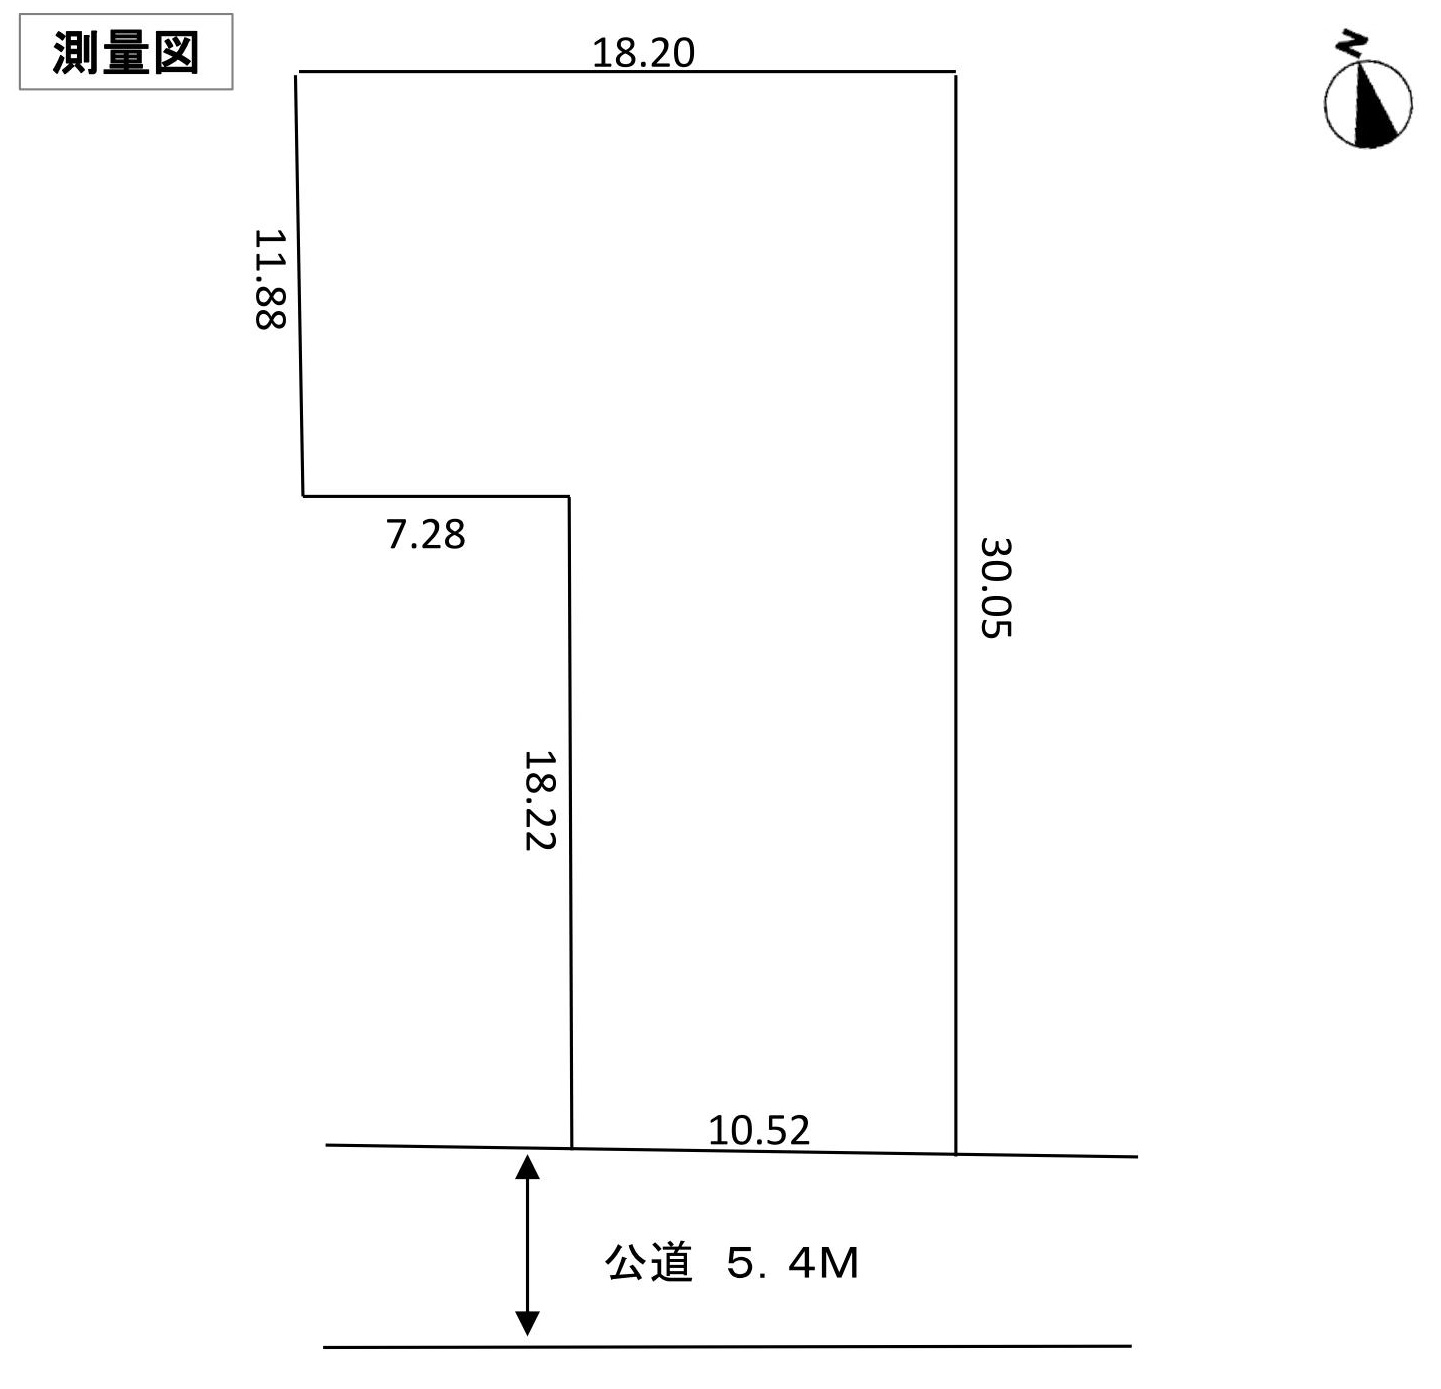 アクアグループ 物件情報 販売実績(メイン)